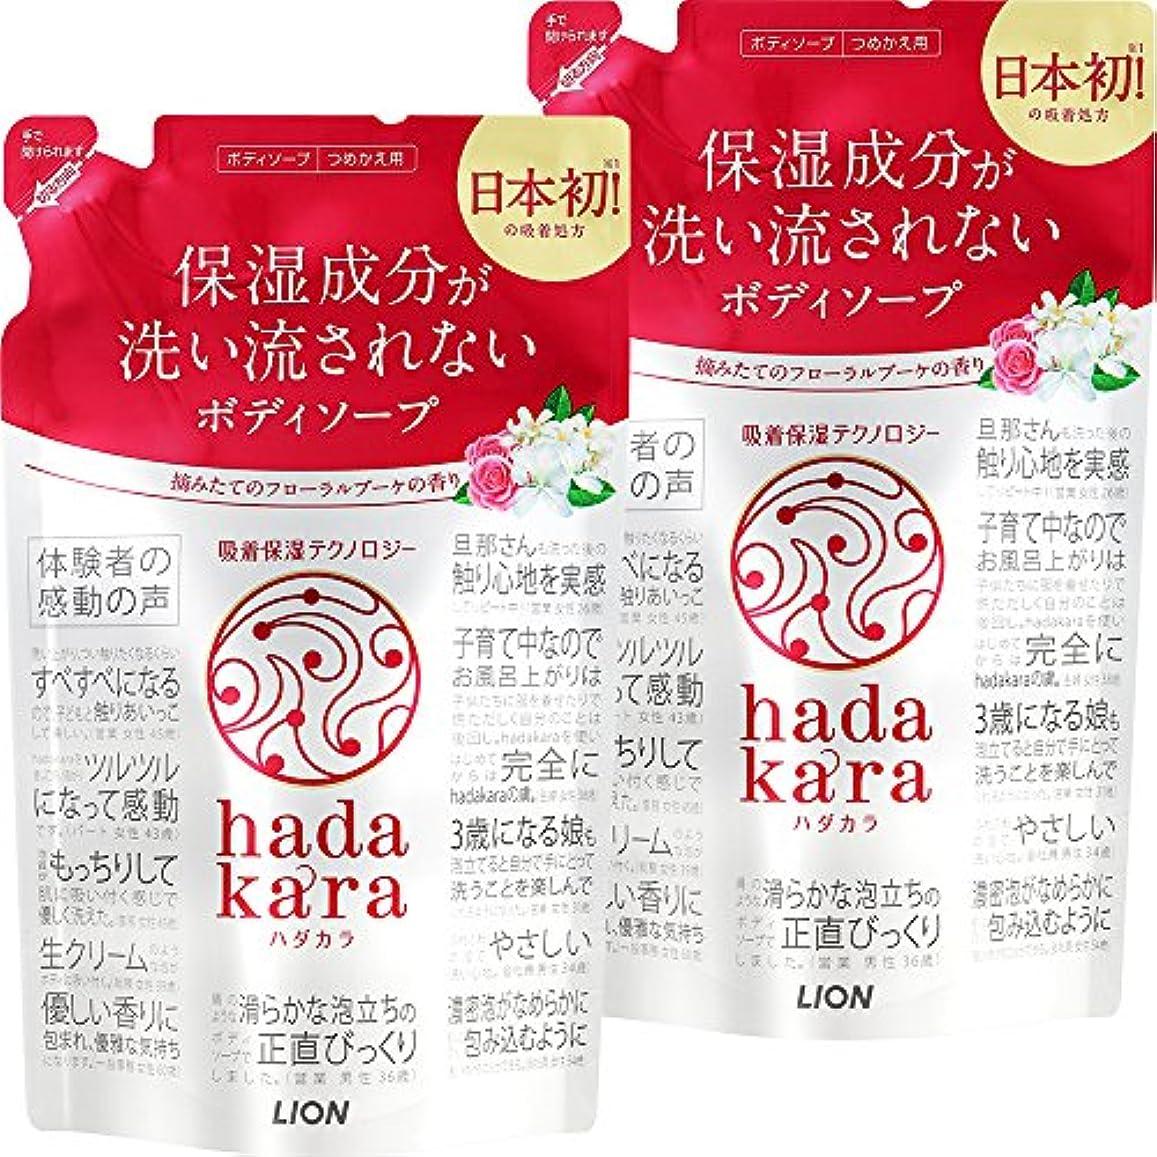 計算可能無視悪行【まとめ買い】hadakara(ハダカラ) ボディソープ フローラルブーケの香り 詰め替え 360ml×2個パック